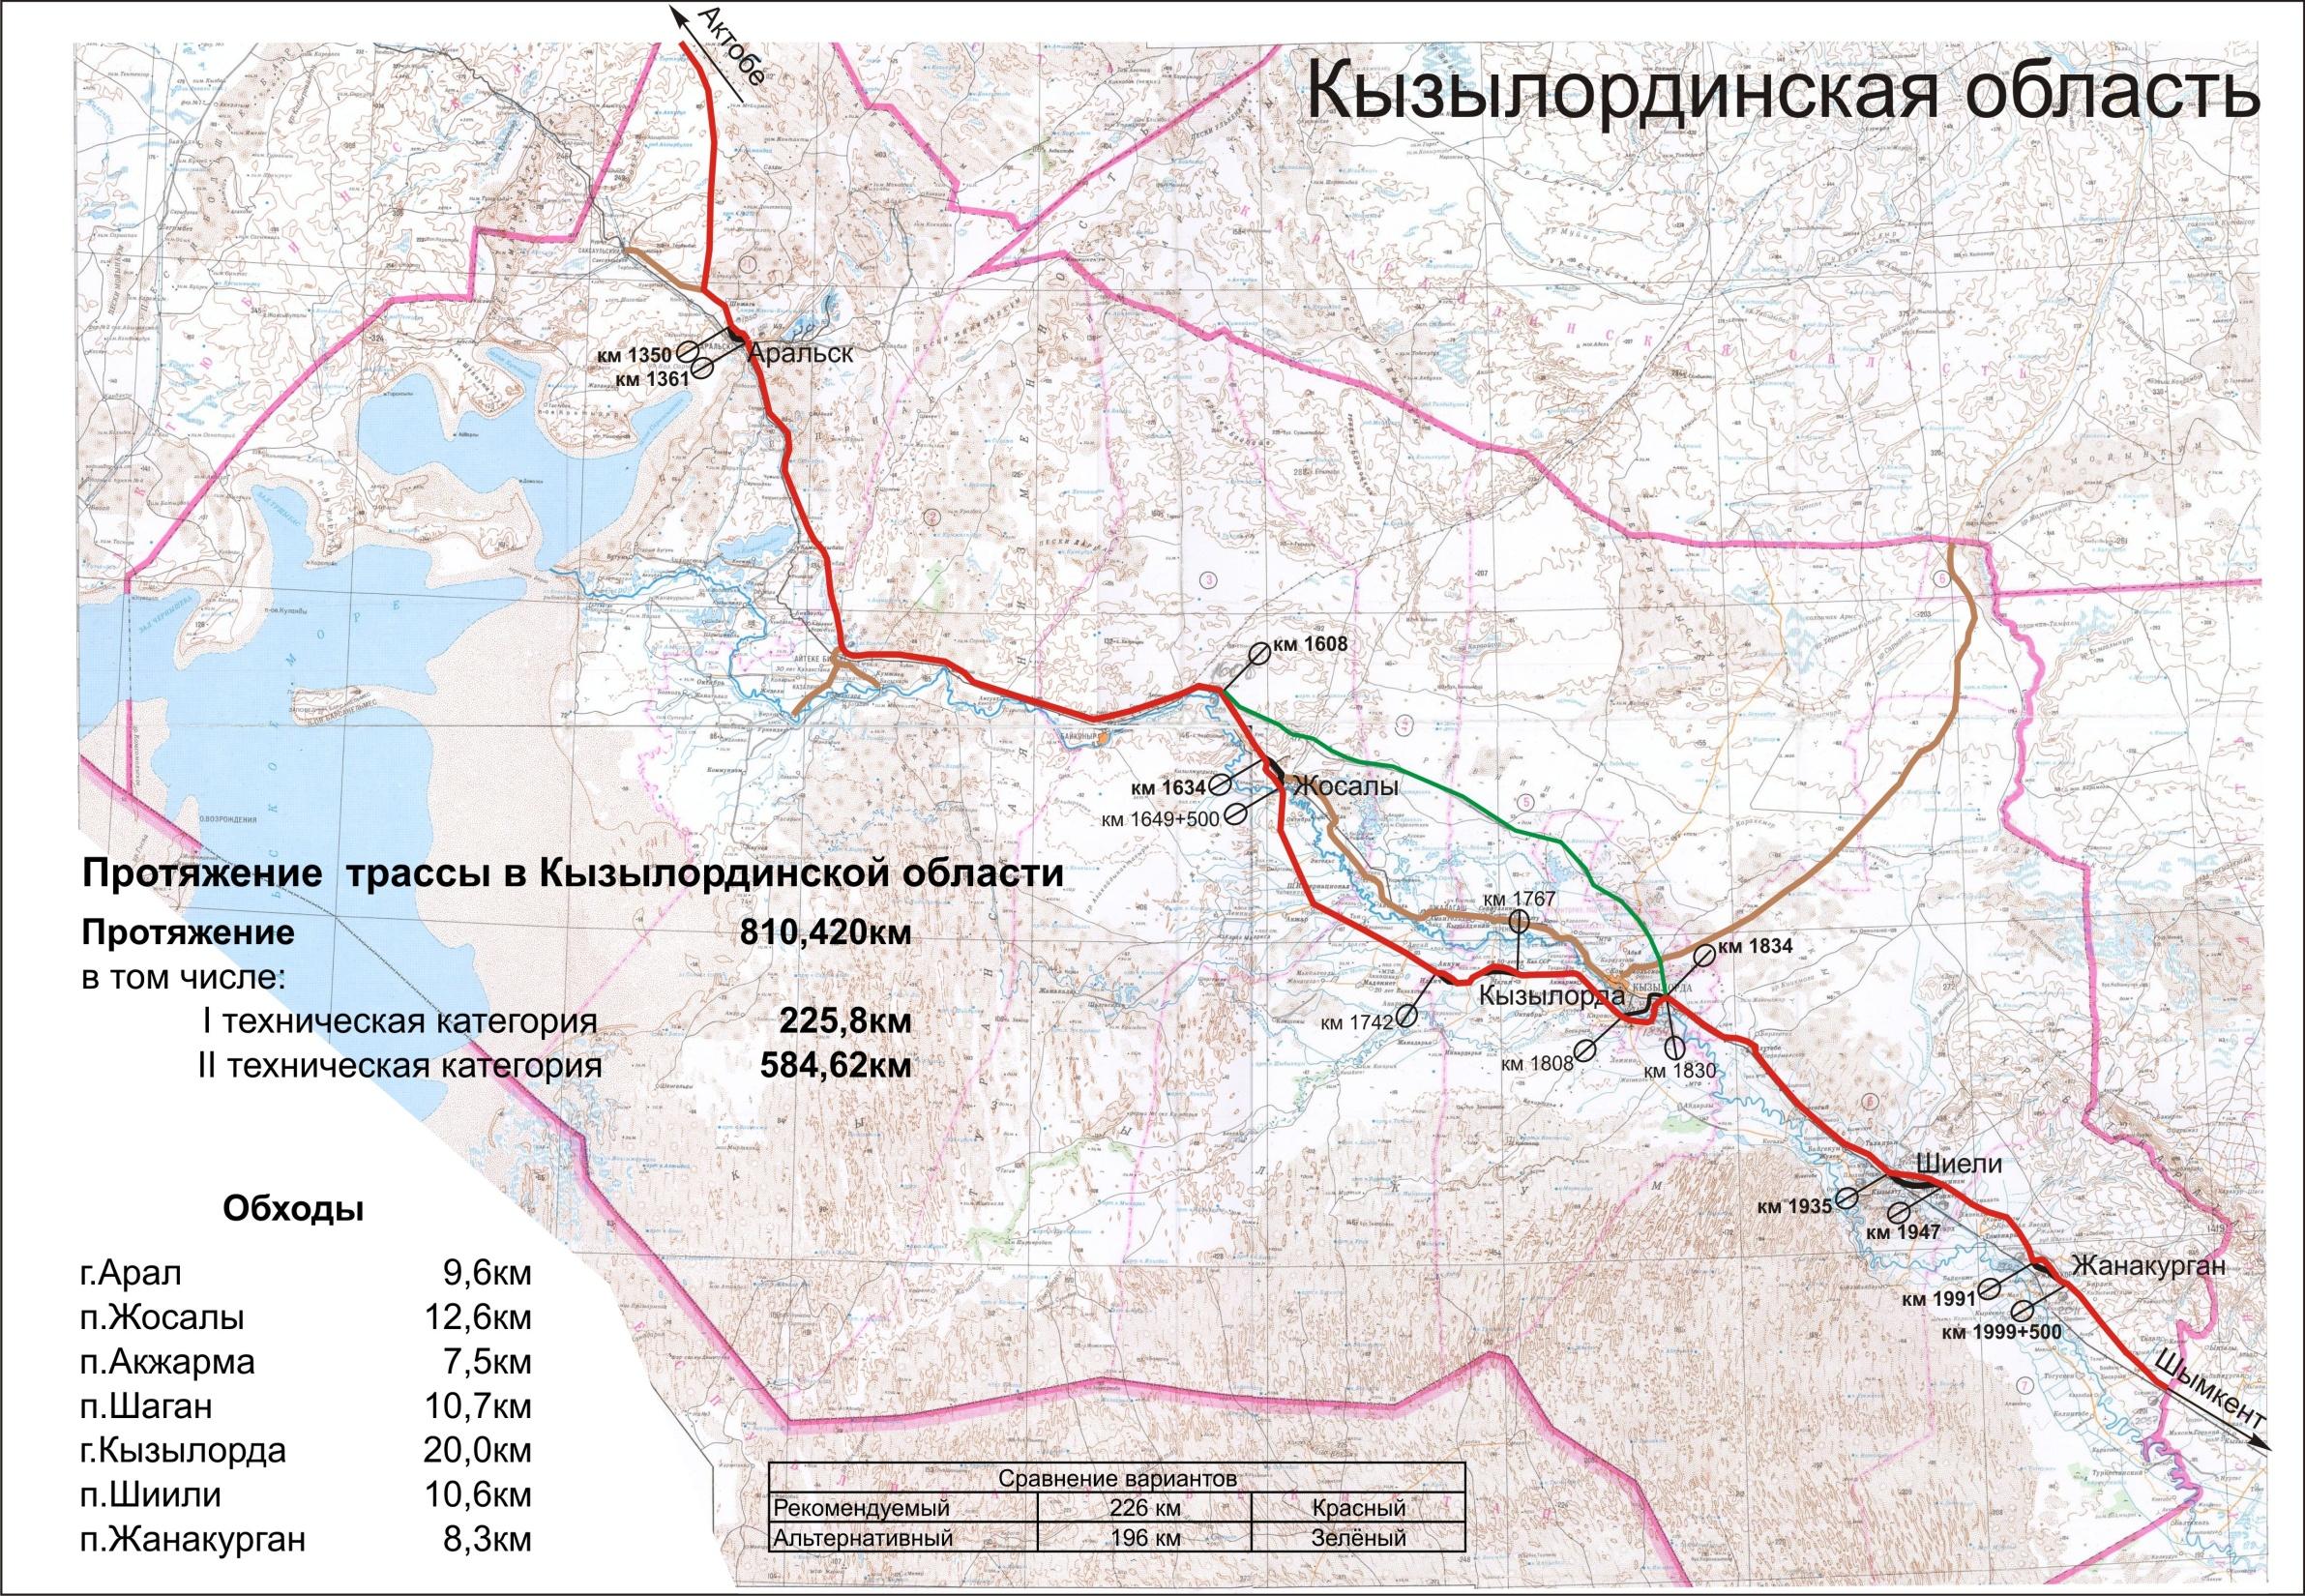 Kyzylorda region   Западная Европа - Западный Китай Международный ...